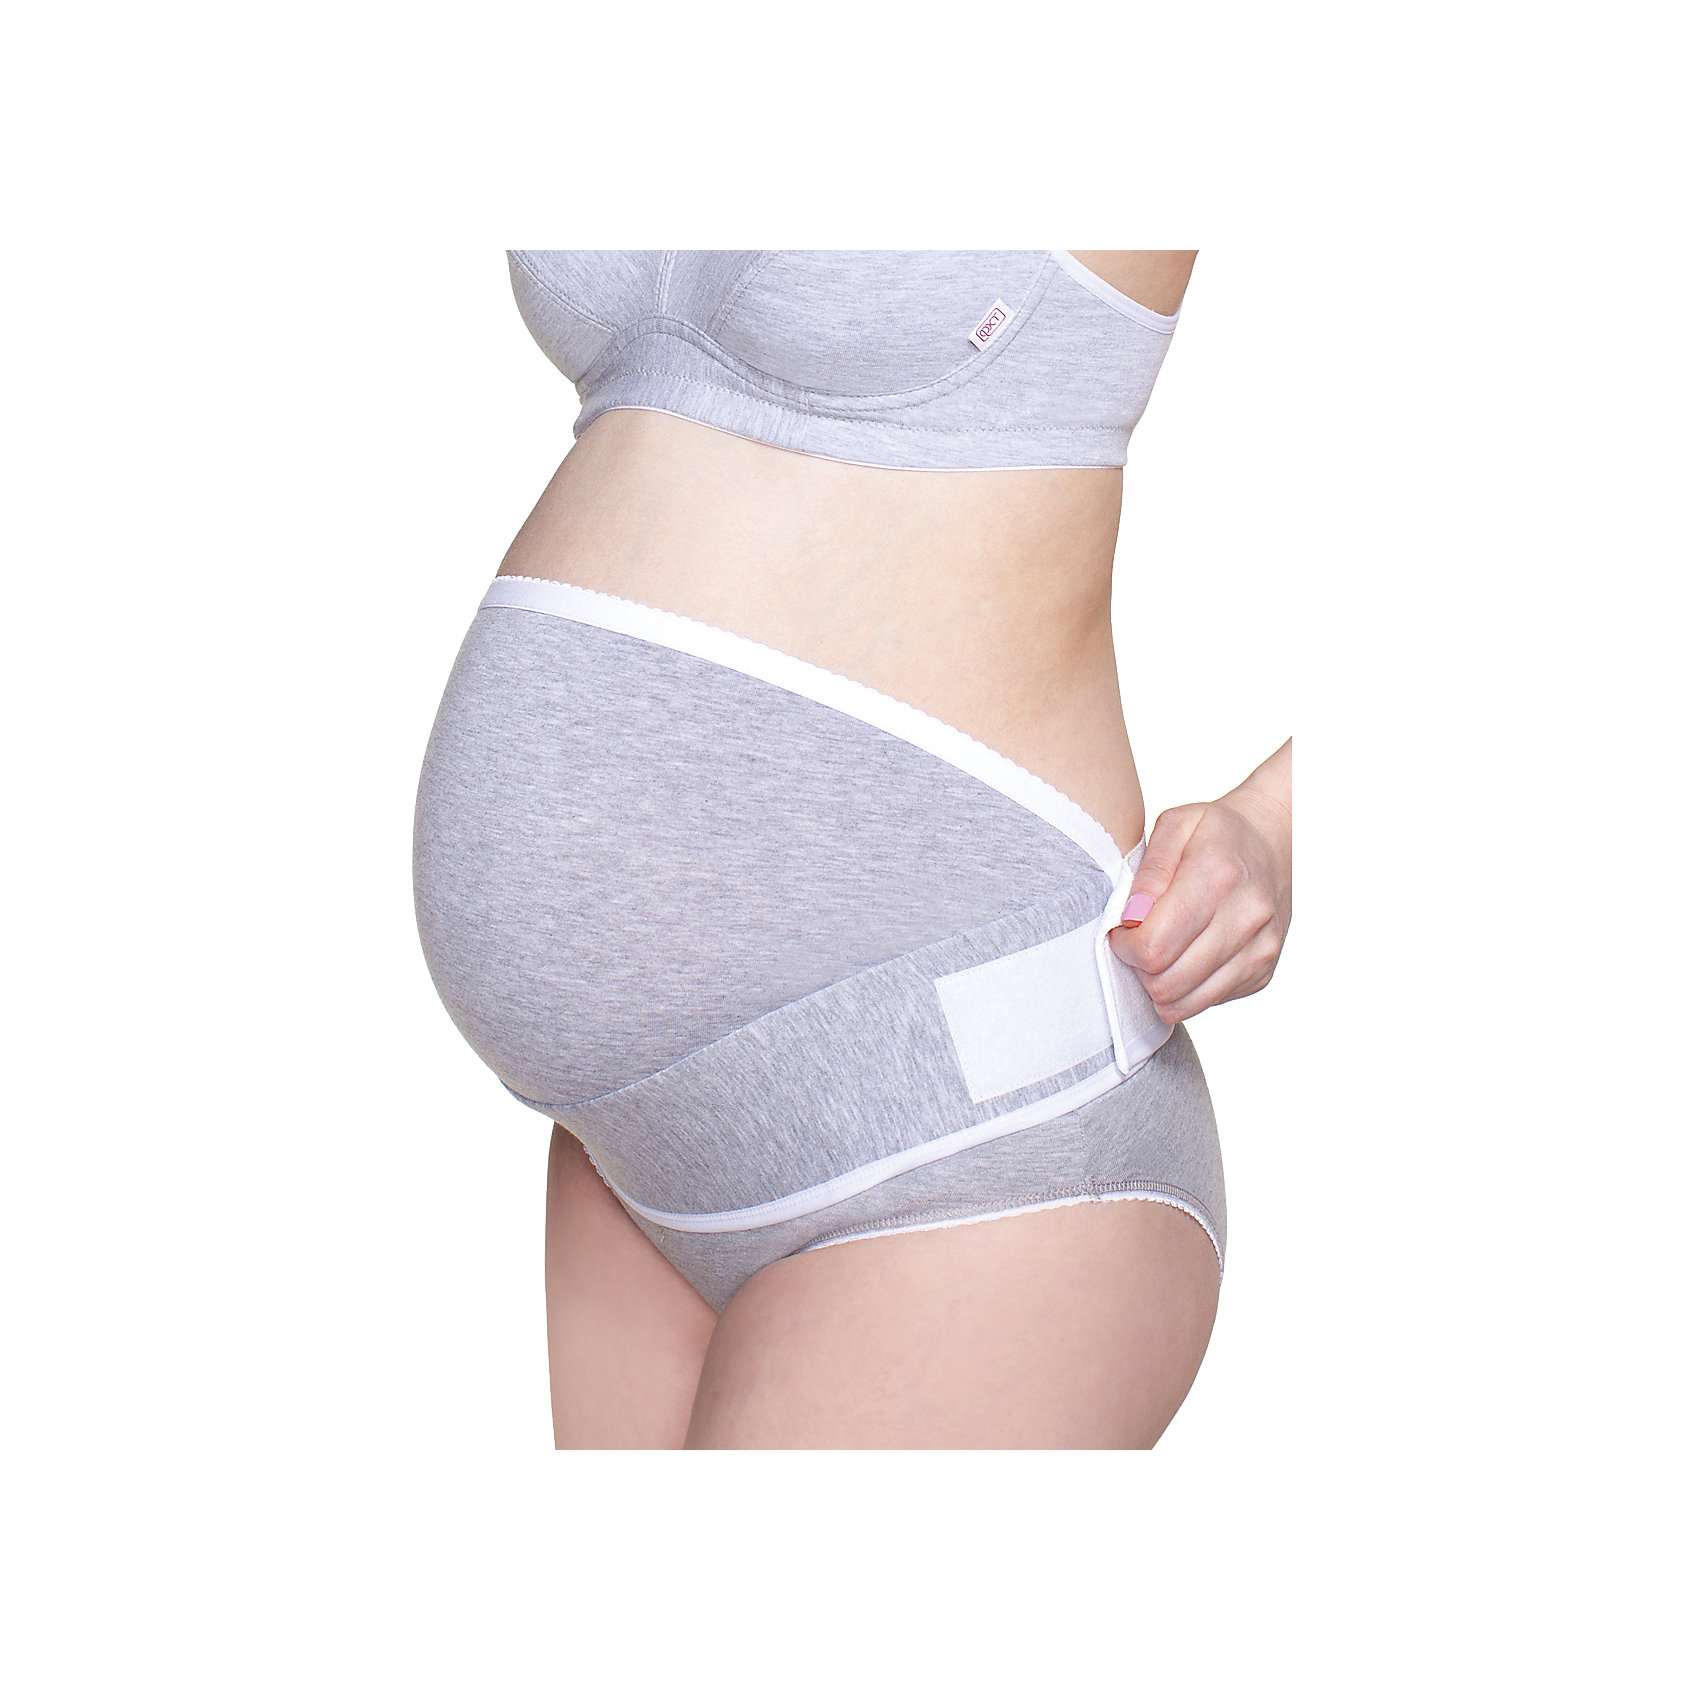 Бандаж дородовый ФЭСТБандажи<br>Дородовой бандаж-животик ФЭСТ рекомендован Российским обществом акушеров-гинекологов.<br>Исследования показали, что при ношении бандажа снижается вероятность:<br>• угрозы прерывания беременности;<br>• преждевременных родов;<br>• образования стрий.<br>Носить рекомендовано:<br>• с 20-24 недели беременности;<br>• при акушерской патологии;<br>• при несостоятельности мышц передней брюшной стенки и тазового дна;<br>• при искривлении позвоночника;<br>• при болях в пояснице;<br>• при активном образе жизни, когда находитесь в вертикальном положении более трех часов в день.<br>Время ношения – не более 10 часов в сутки. <br>Бандаж-животик позволяет легко менять бельё. <br>За счёт застёжки велькро легко отрегулировать степень поддержки. <br>Бандаж рекомендован на нестандартное положение живота.<br>Перед выбором проконсультируйтесь с акушером-гинекологом.<br><br><br>Состав: ПЭ-69%, хлопок-27%, эластан-4%<br><br>Ширина мм: 196<br>Глубина мм: 10<br>Высота мм: 154<br>Вес г: 152<br>Цвет: серый<br>Возраст от месяцев: 0<br>Возраст до месяцев: 1188<br>Пол: Женский<br>Возраст: Детский<br>Размер: 52/54,48/50,46,56/58<br>SKU: 4917286